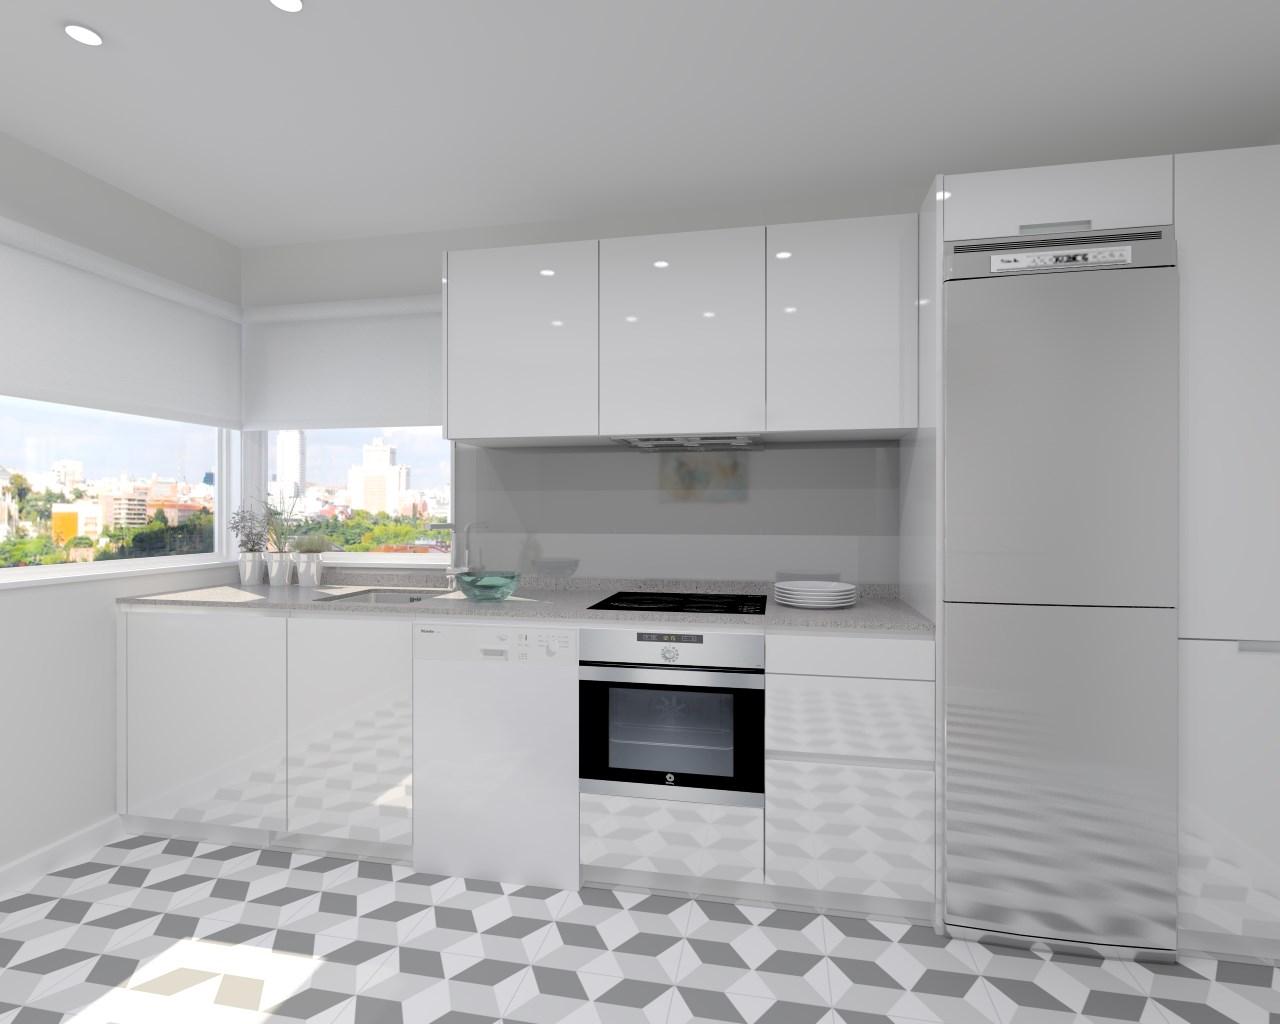 Cocina santos modelo line laminado blanco brillo encimera - Encimera cocina blanca ...